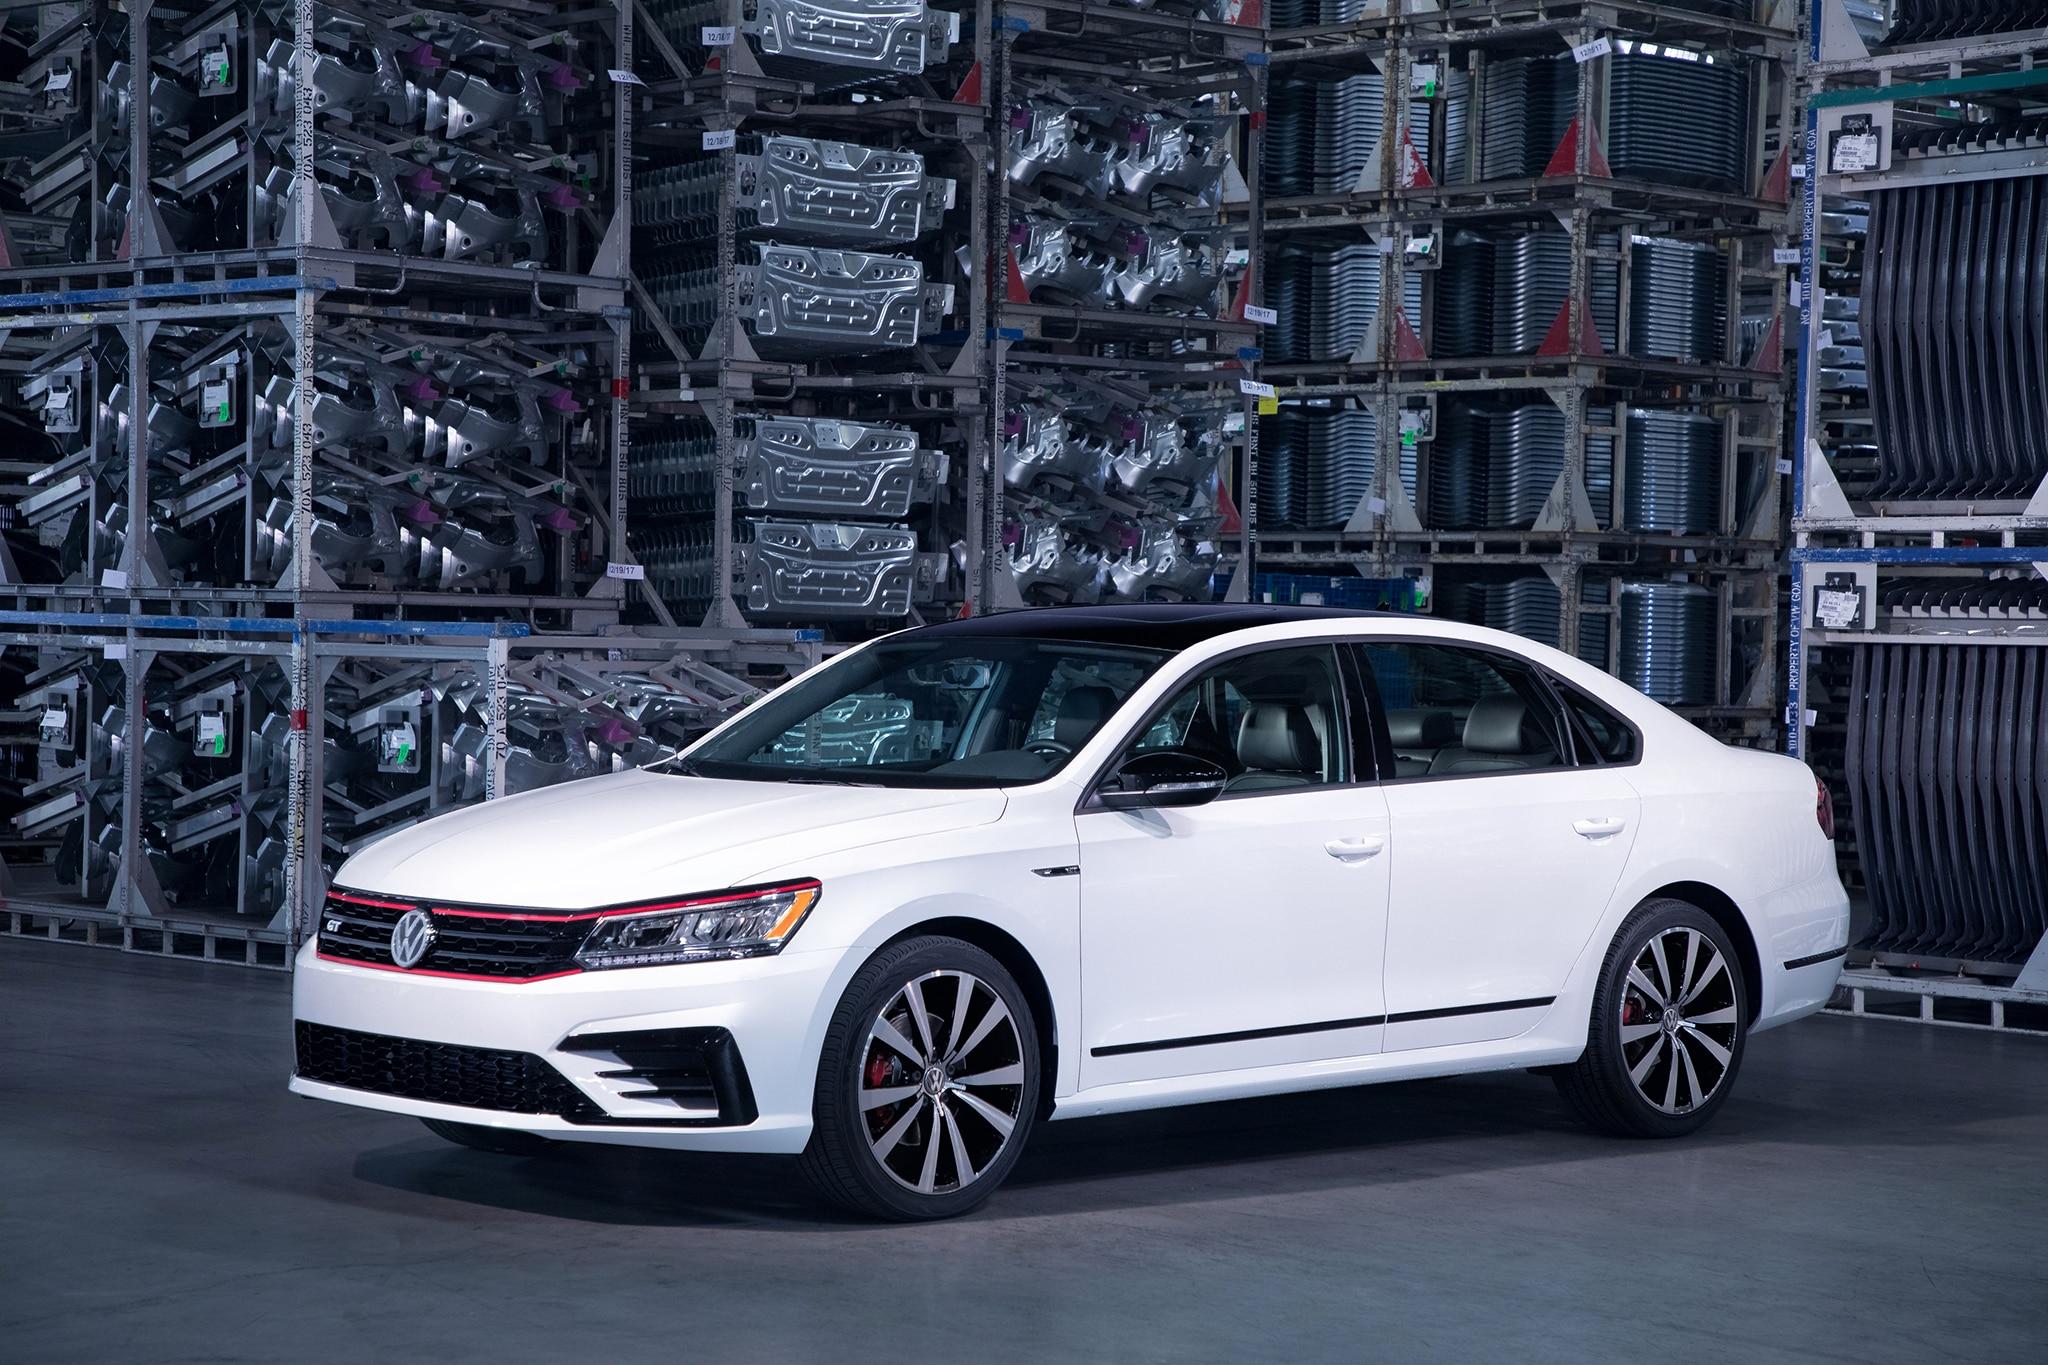 2018 Volkswagen Passat GT Front Three Quarter